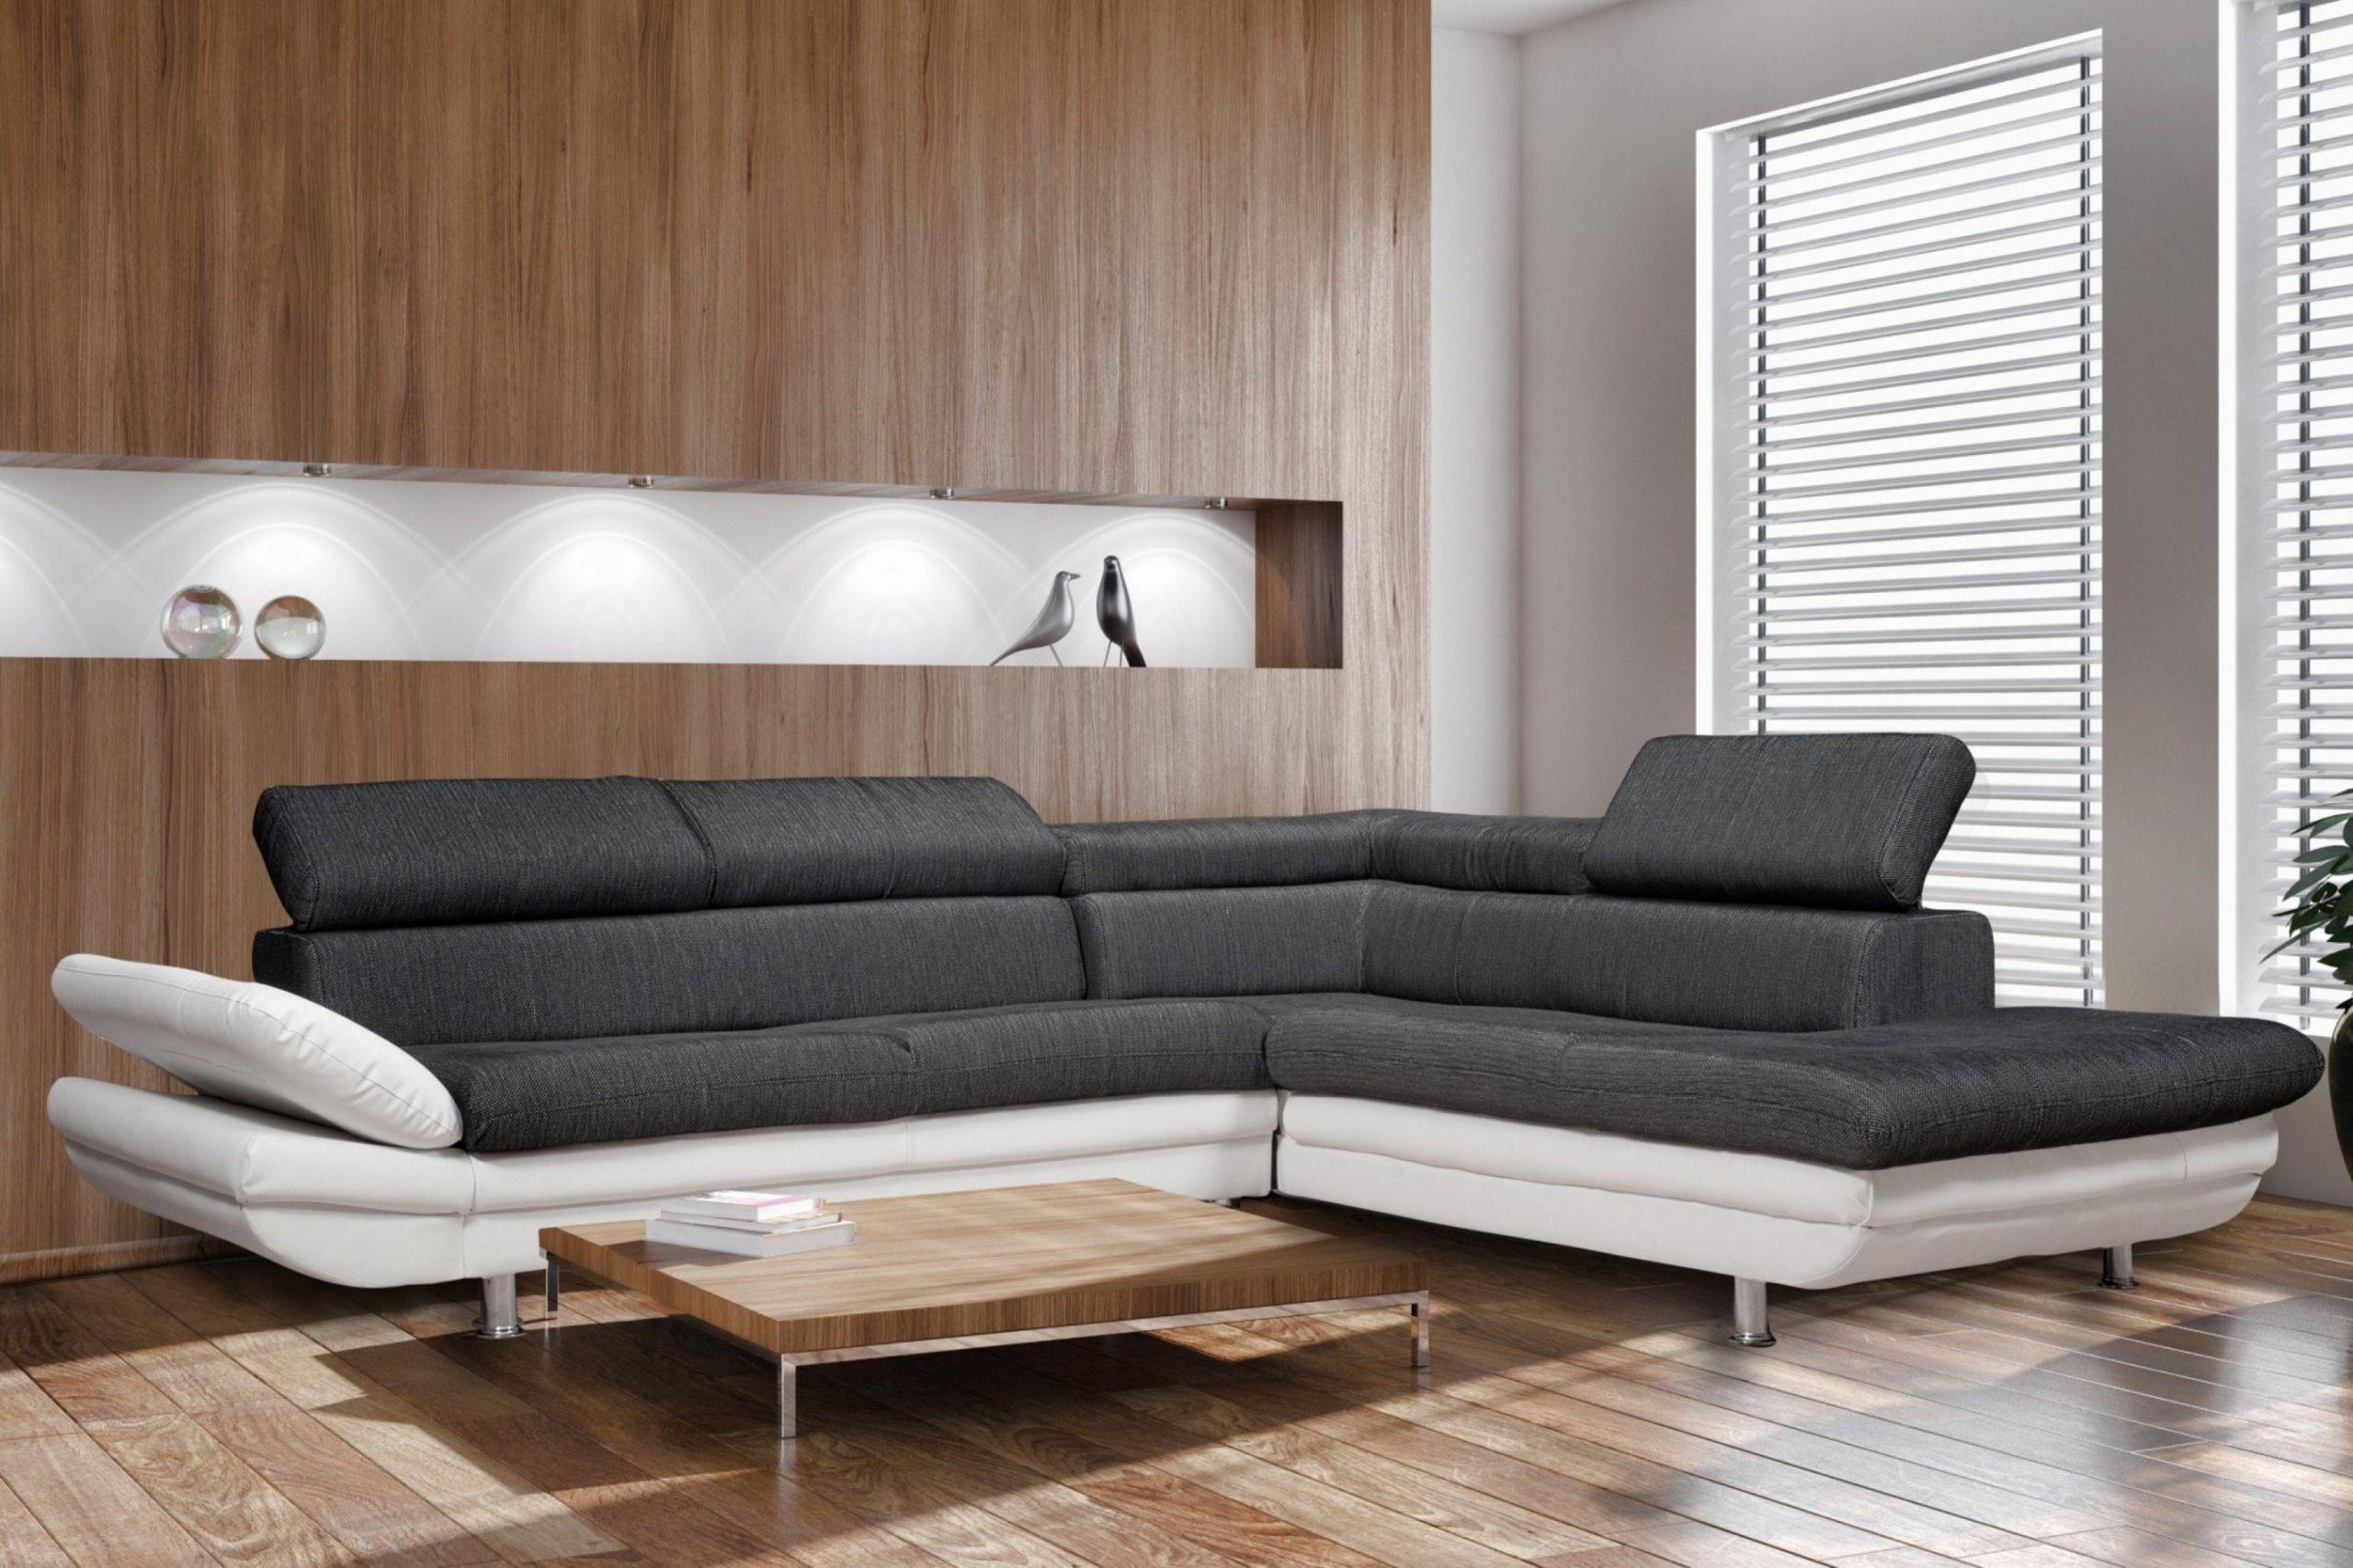 S Canapé D Angle Cuir Design Pas Cher Meri nne Cuir